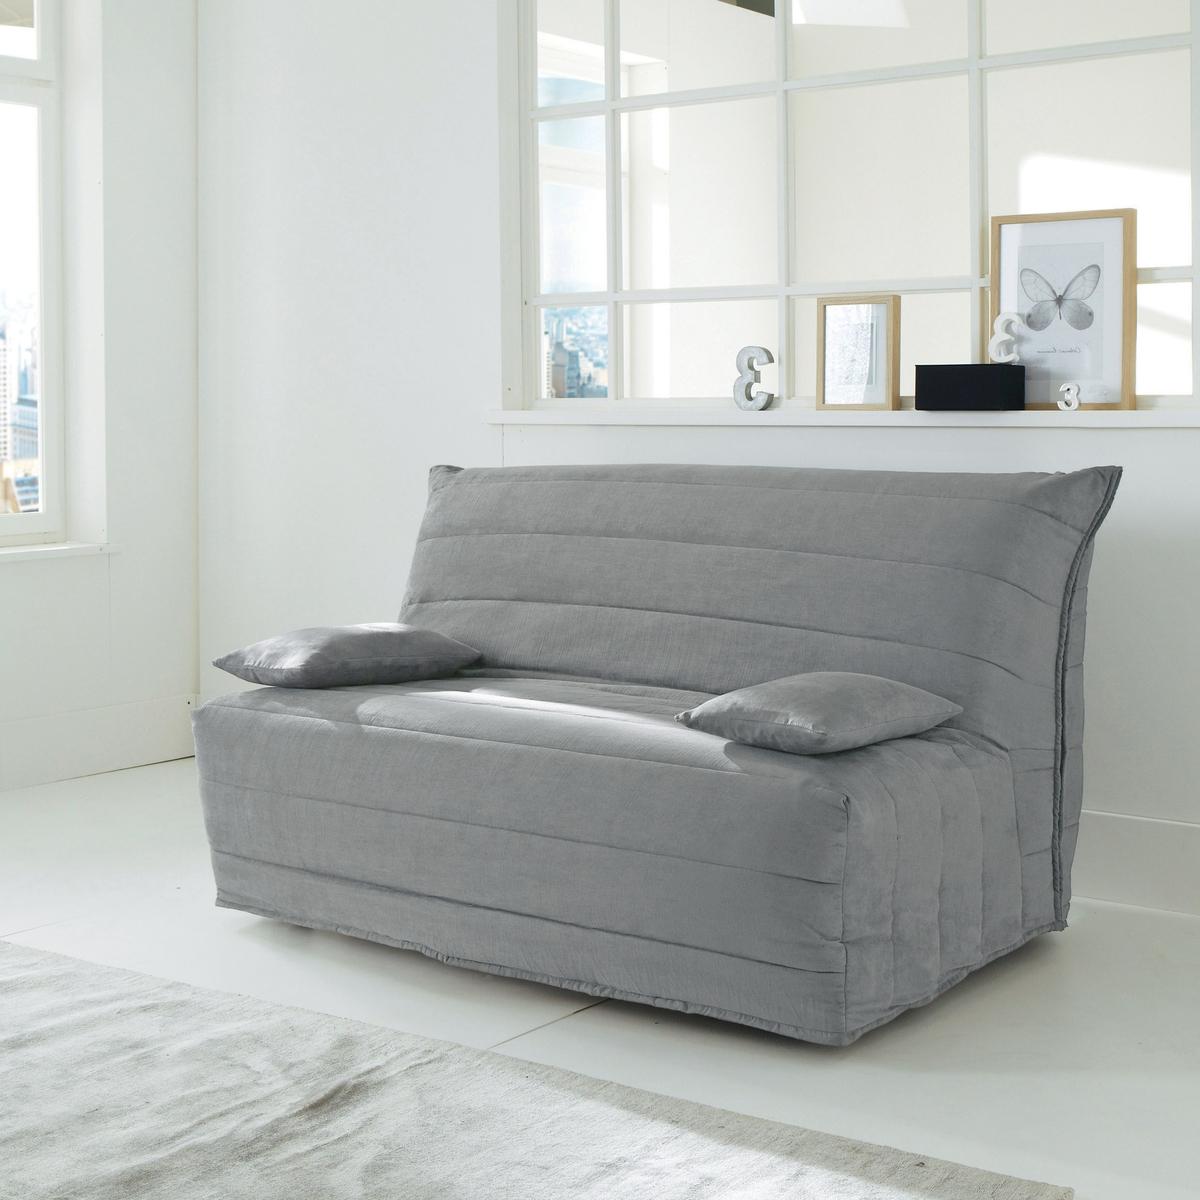 Чехол La Redoute Для дивана-книжки из искусственной замши 160 см серый